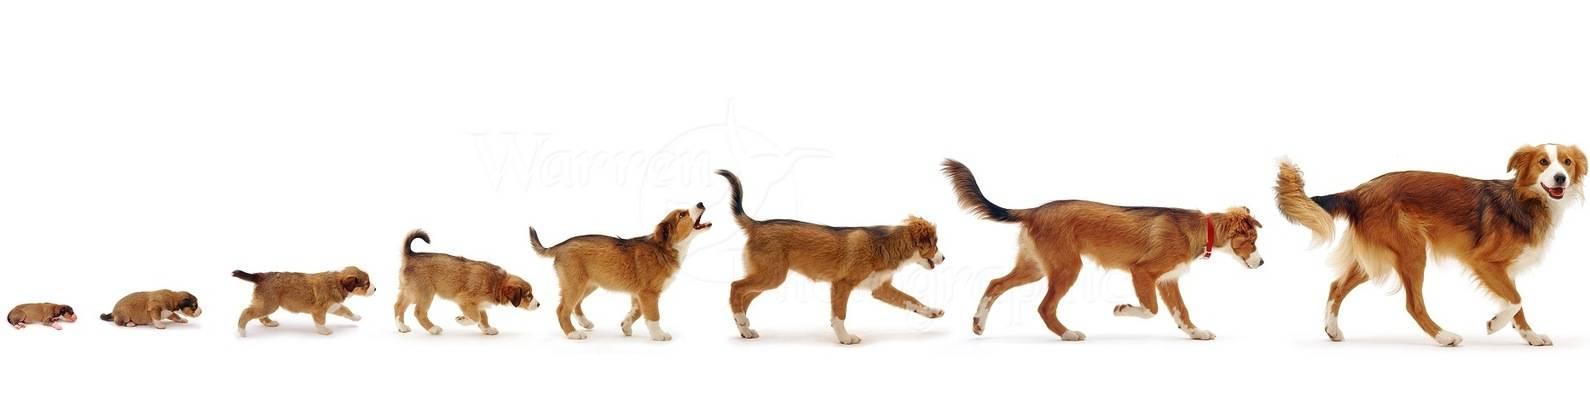 До скольки месяцев обычно продолжают расти мелкие, средние и крупные собаки